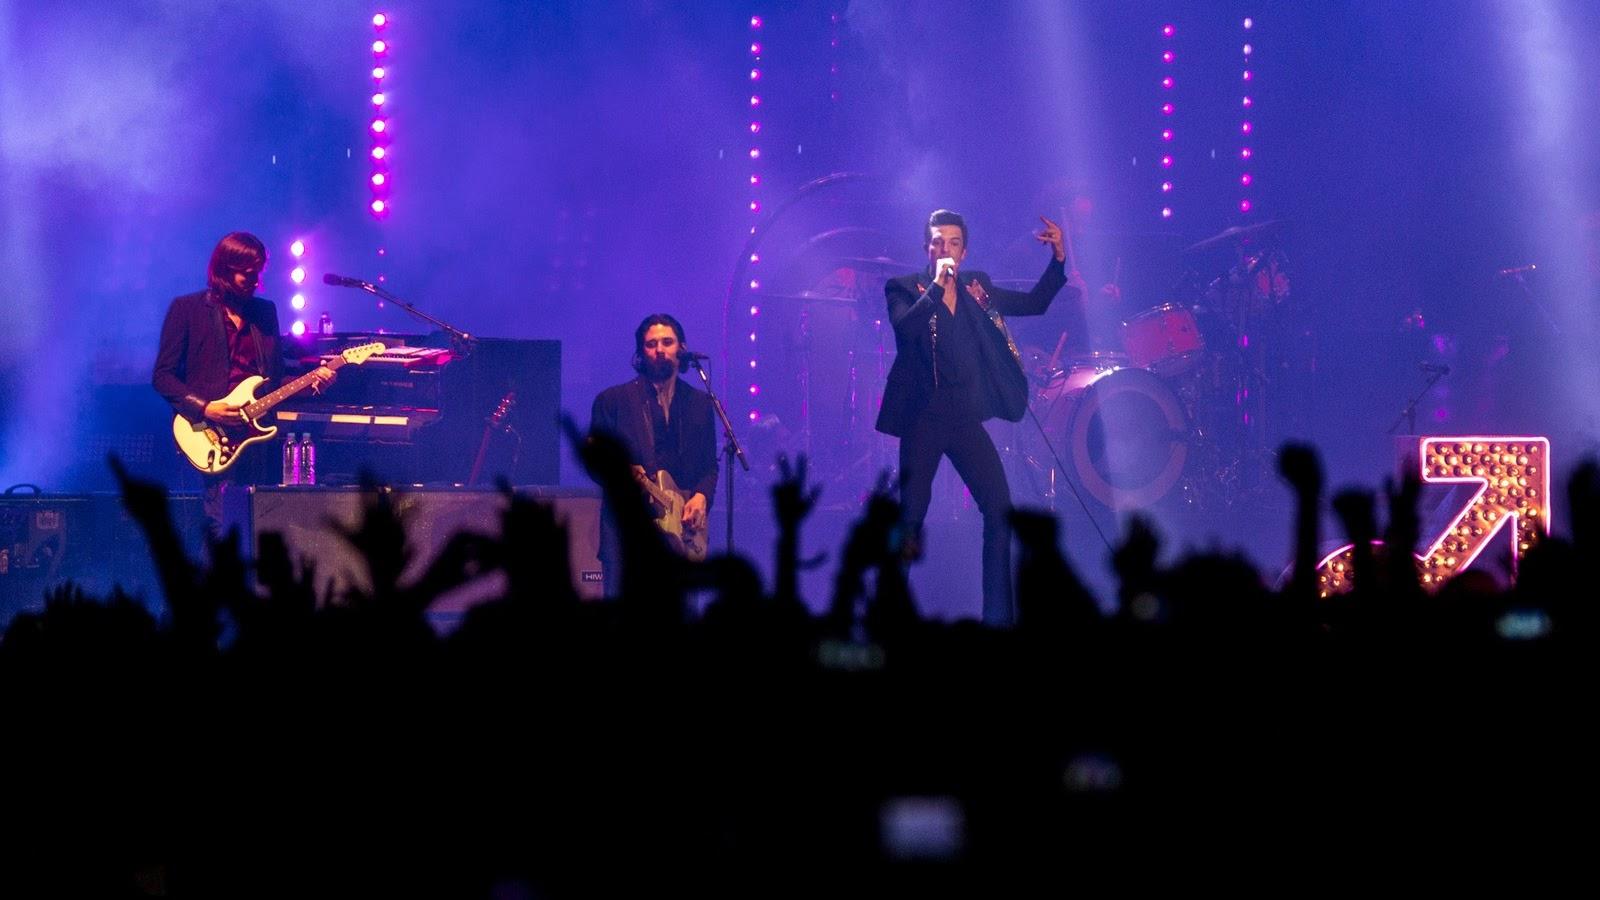 Caralho, The Killers, que show foi esse?